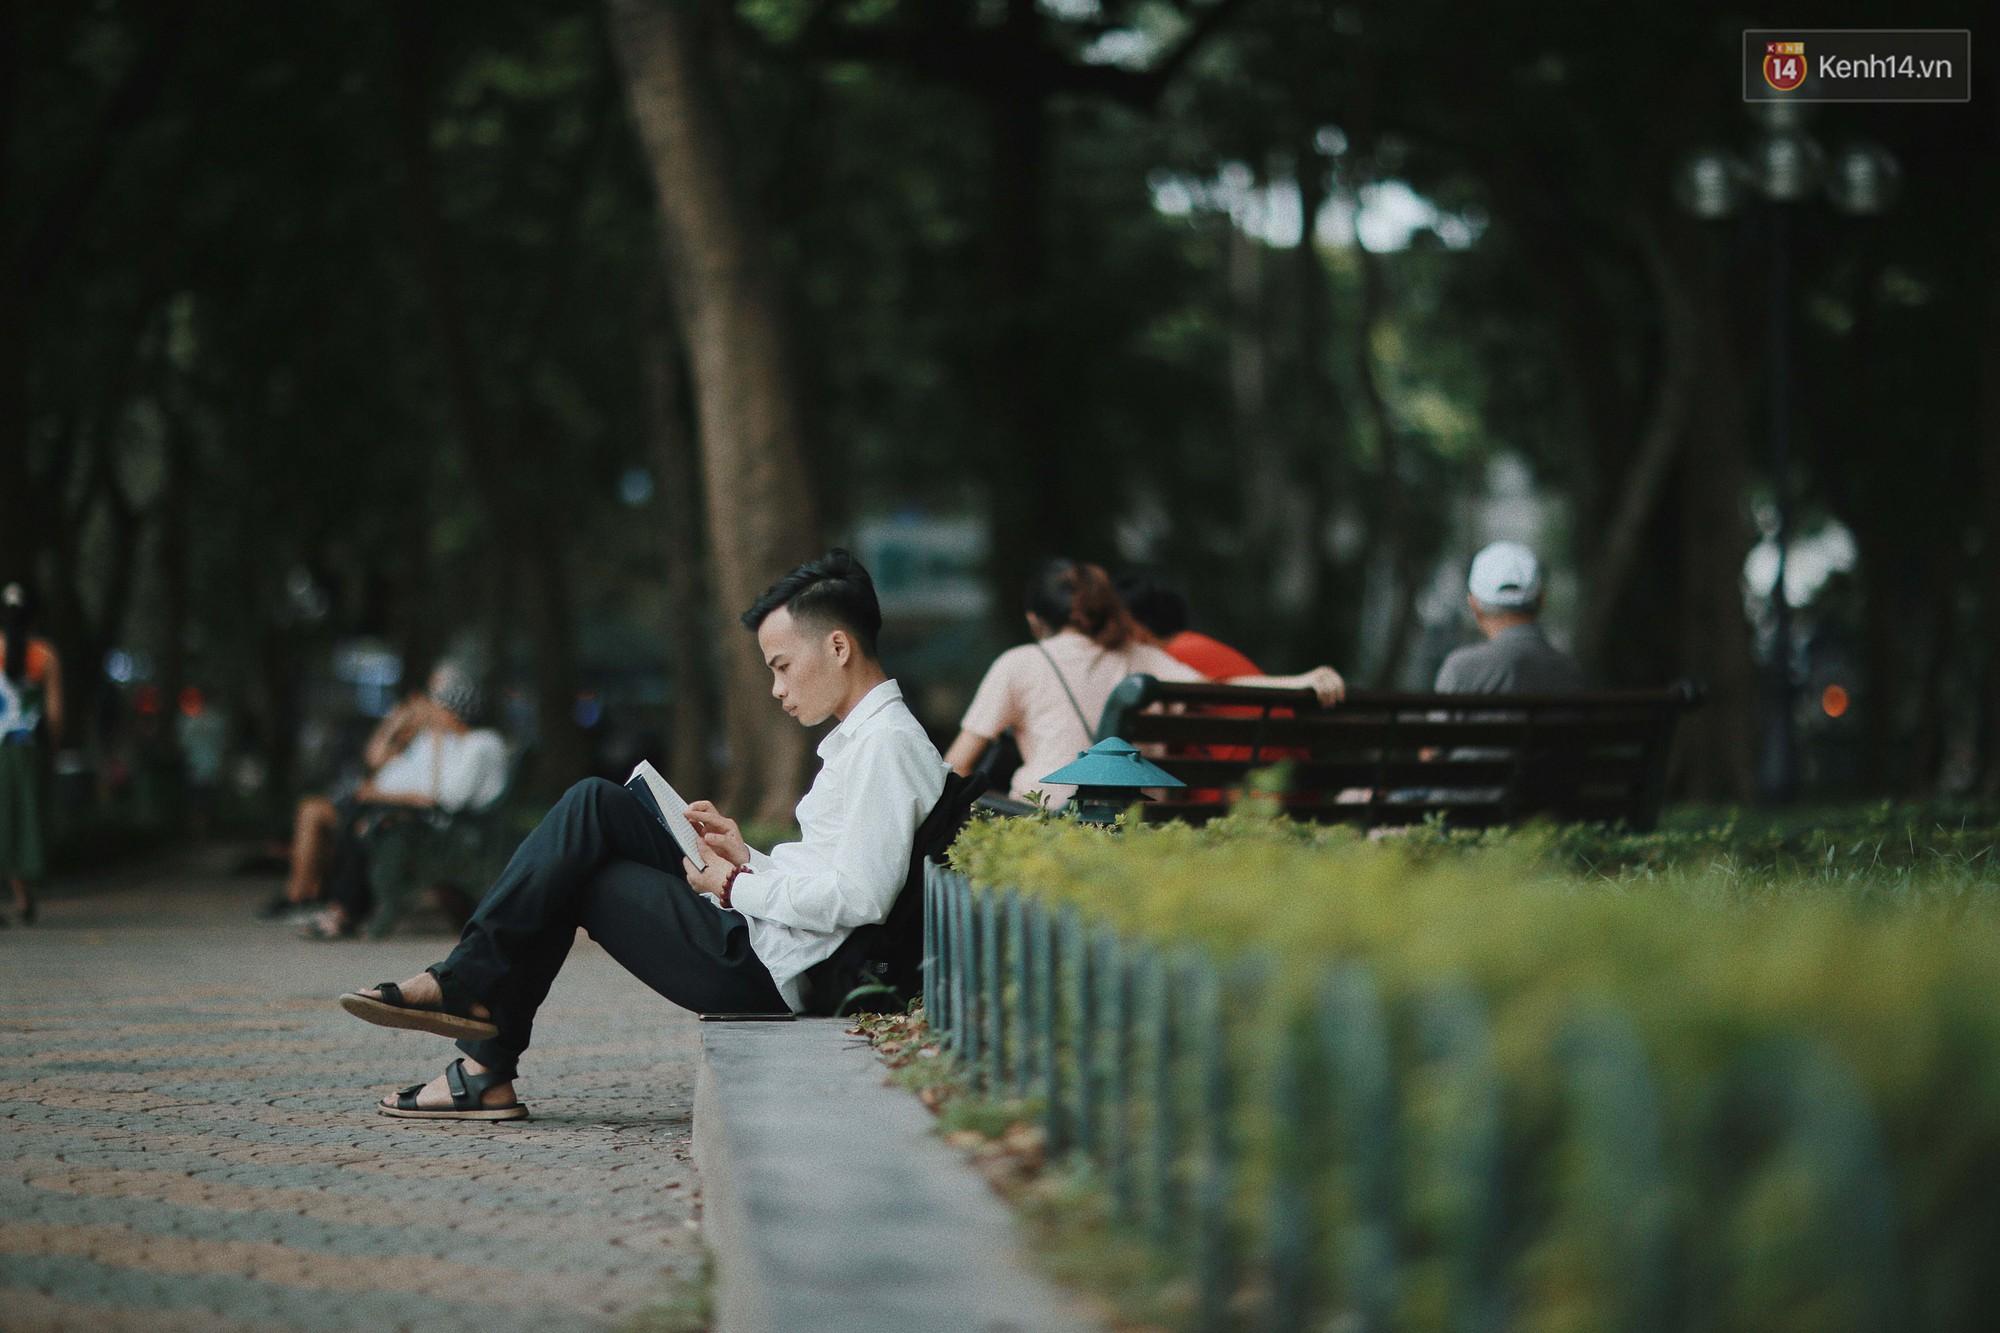 Có một Hà Nội luôn bình yên và khiến người ta sống chậm lại mỗi khi thu về - Ảnh 8.